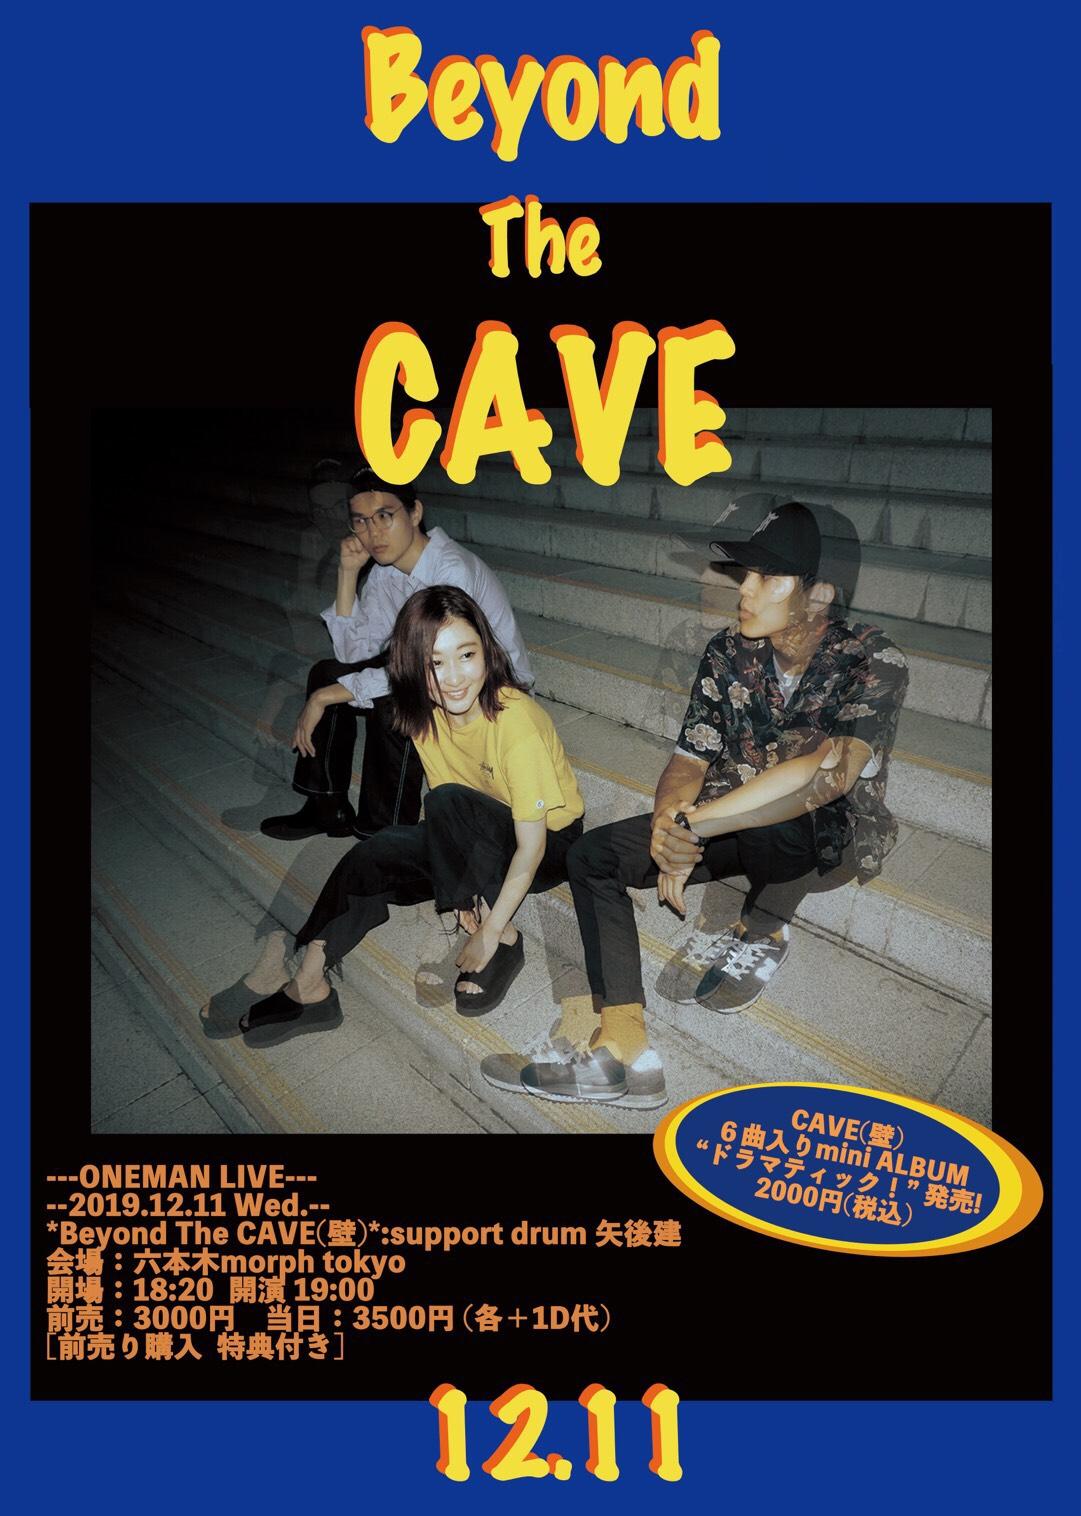 Beyond The CAVE(壁)